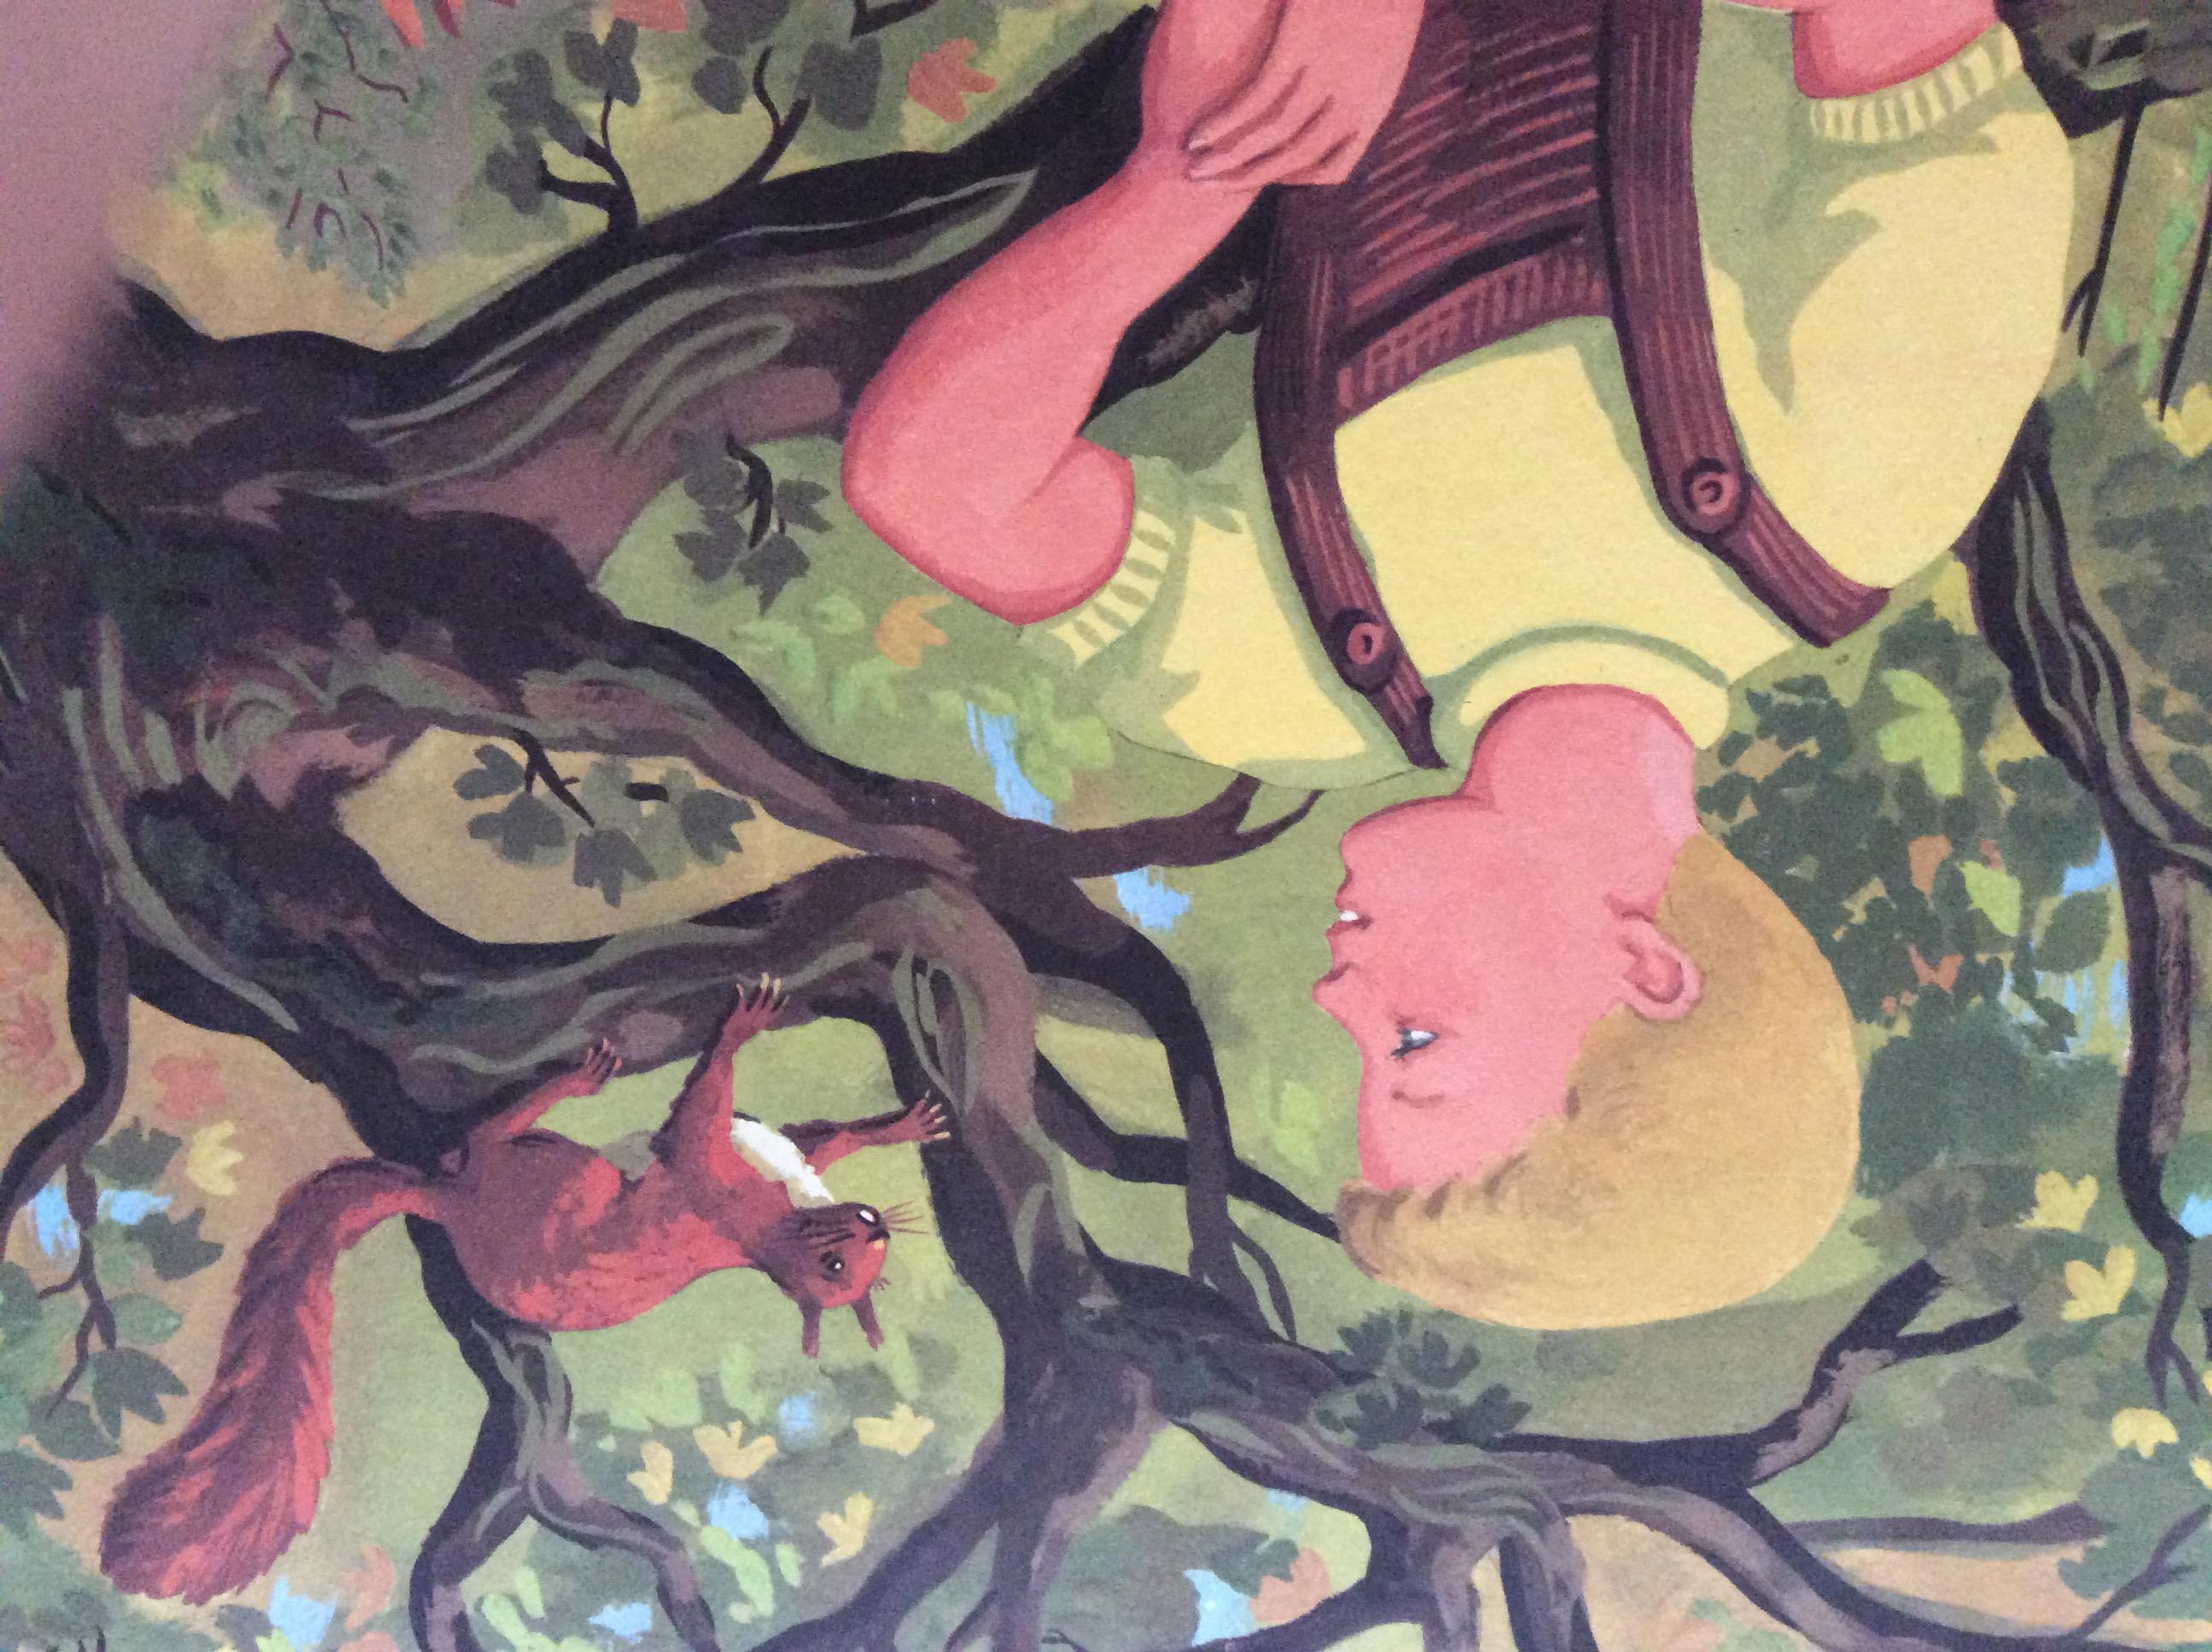 panneau pédagogique scolaire ancien méthode de lecture Poucet et son ami l'écureuil